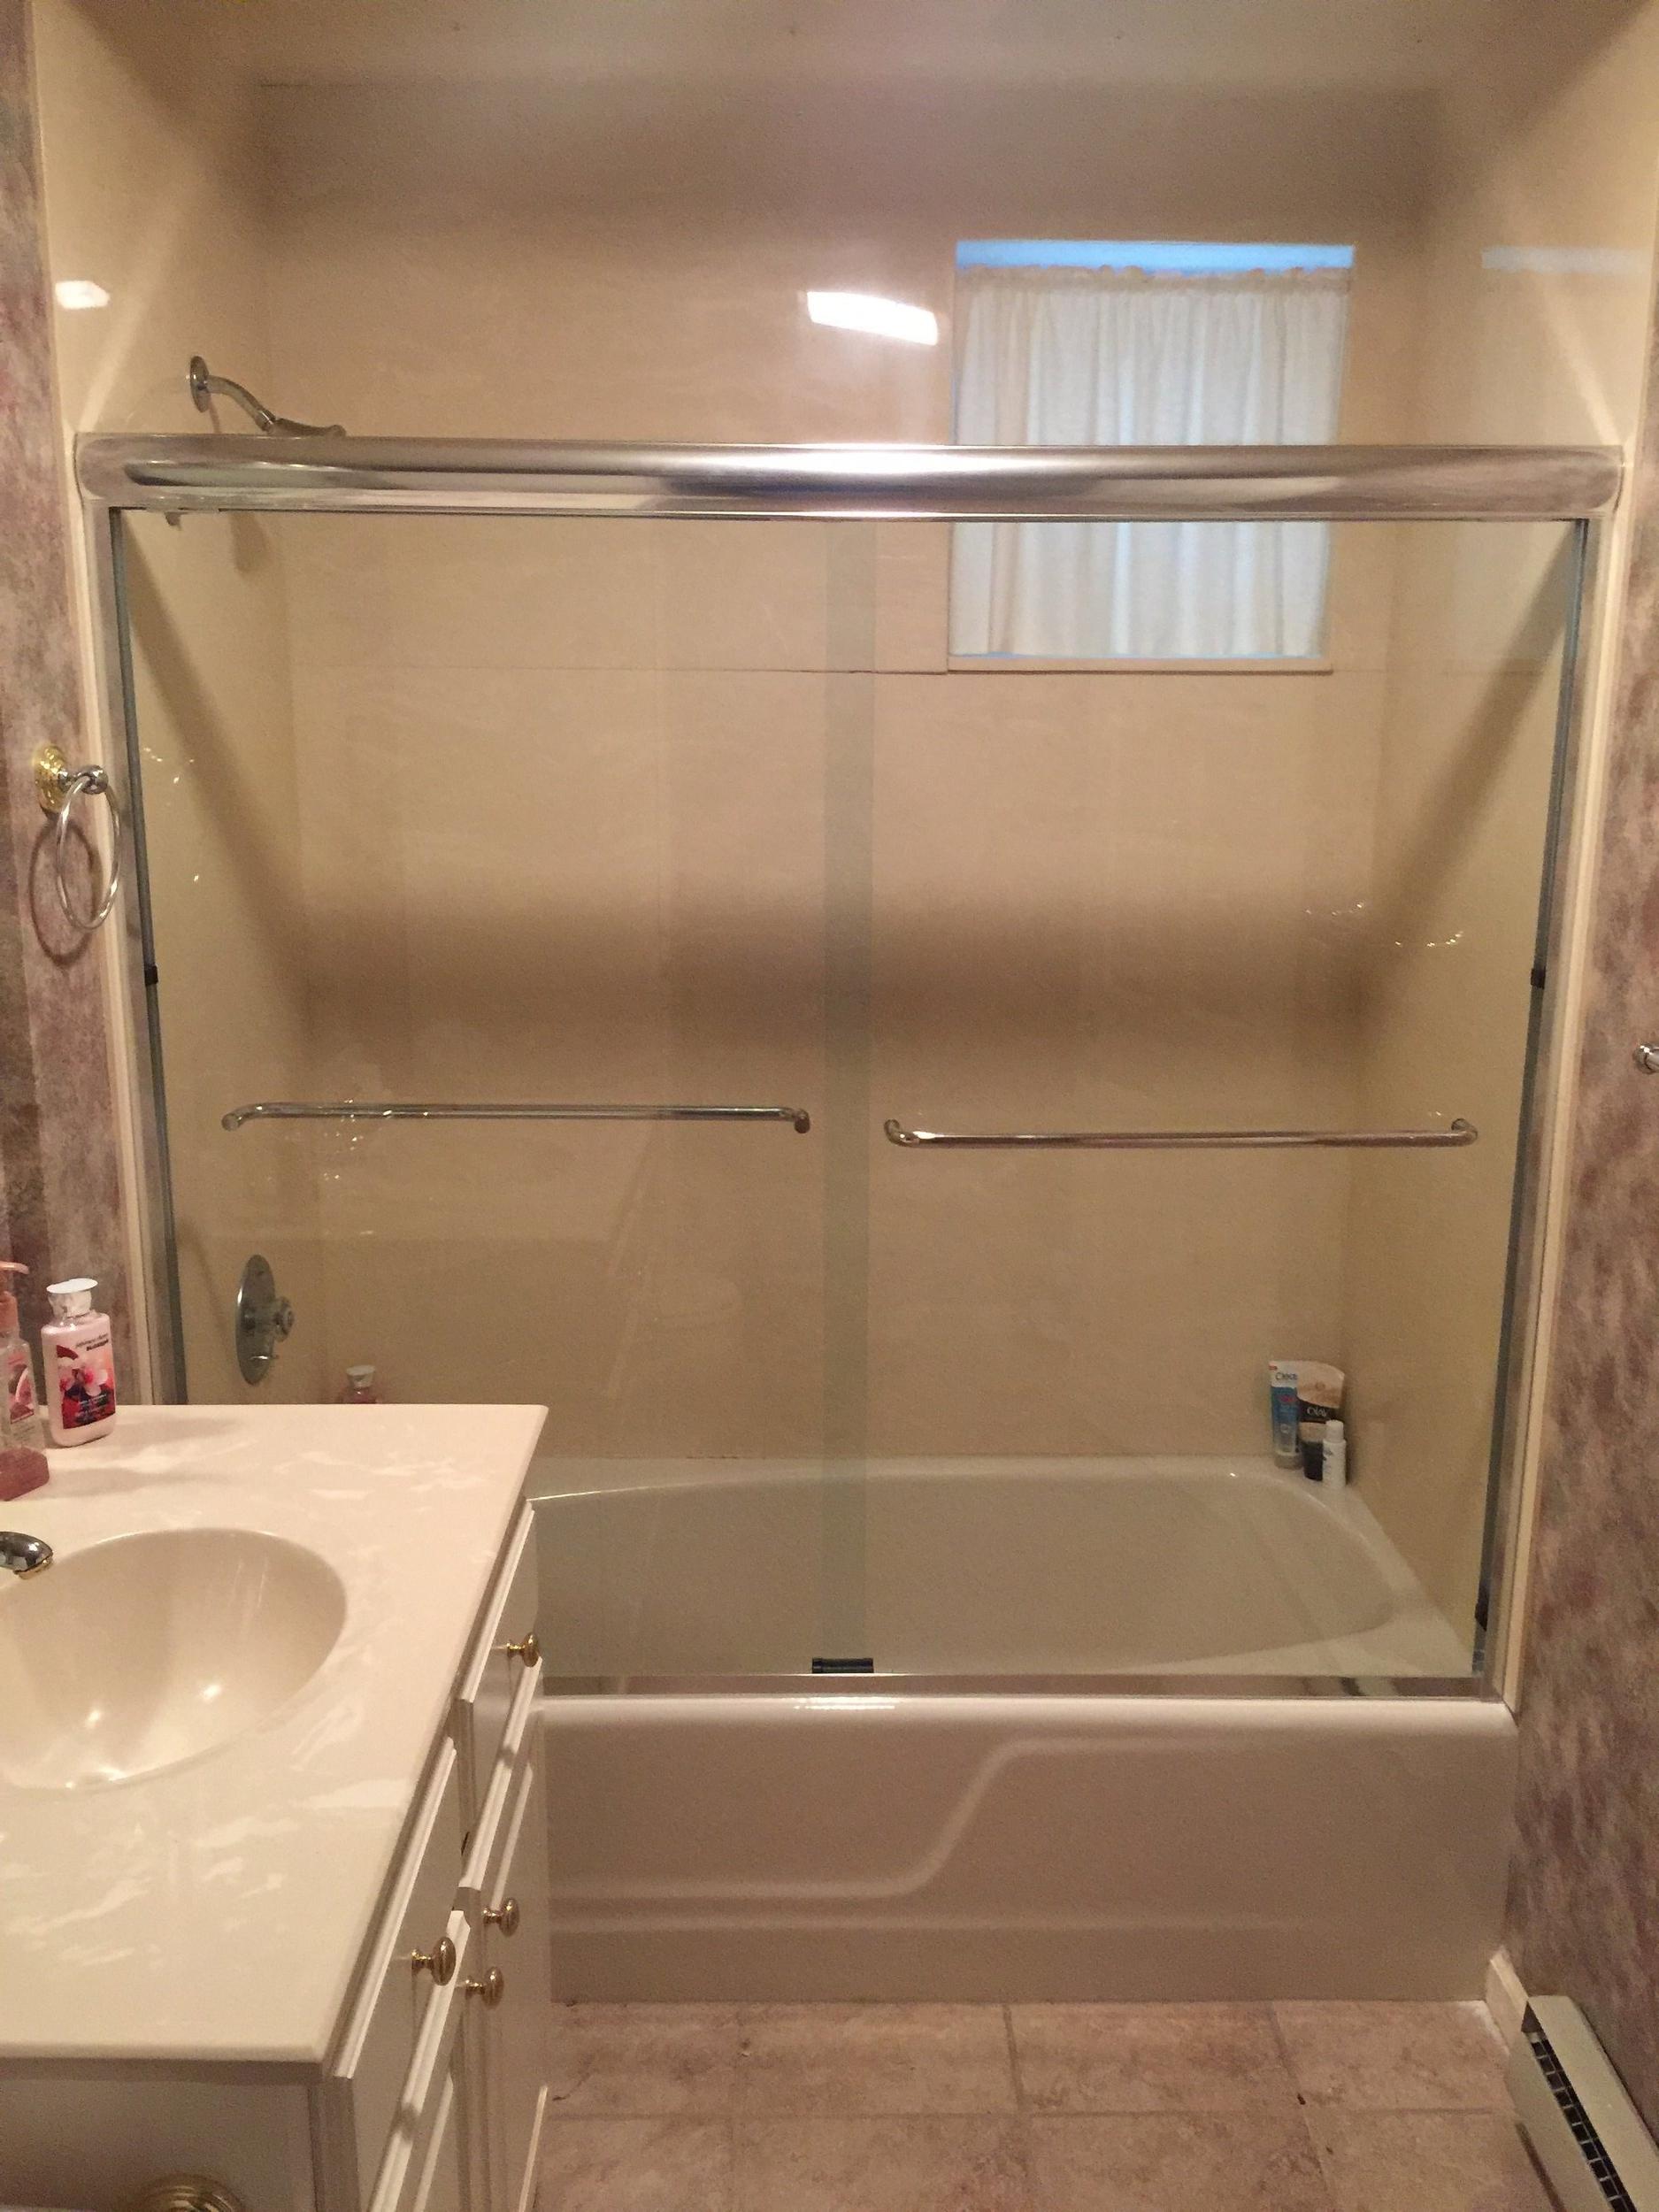 Chase_shower_door_photos-35.jpg